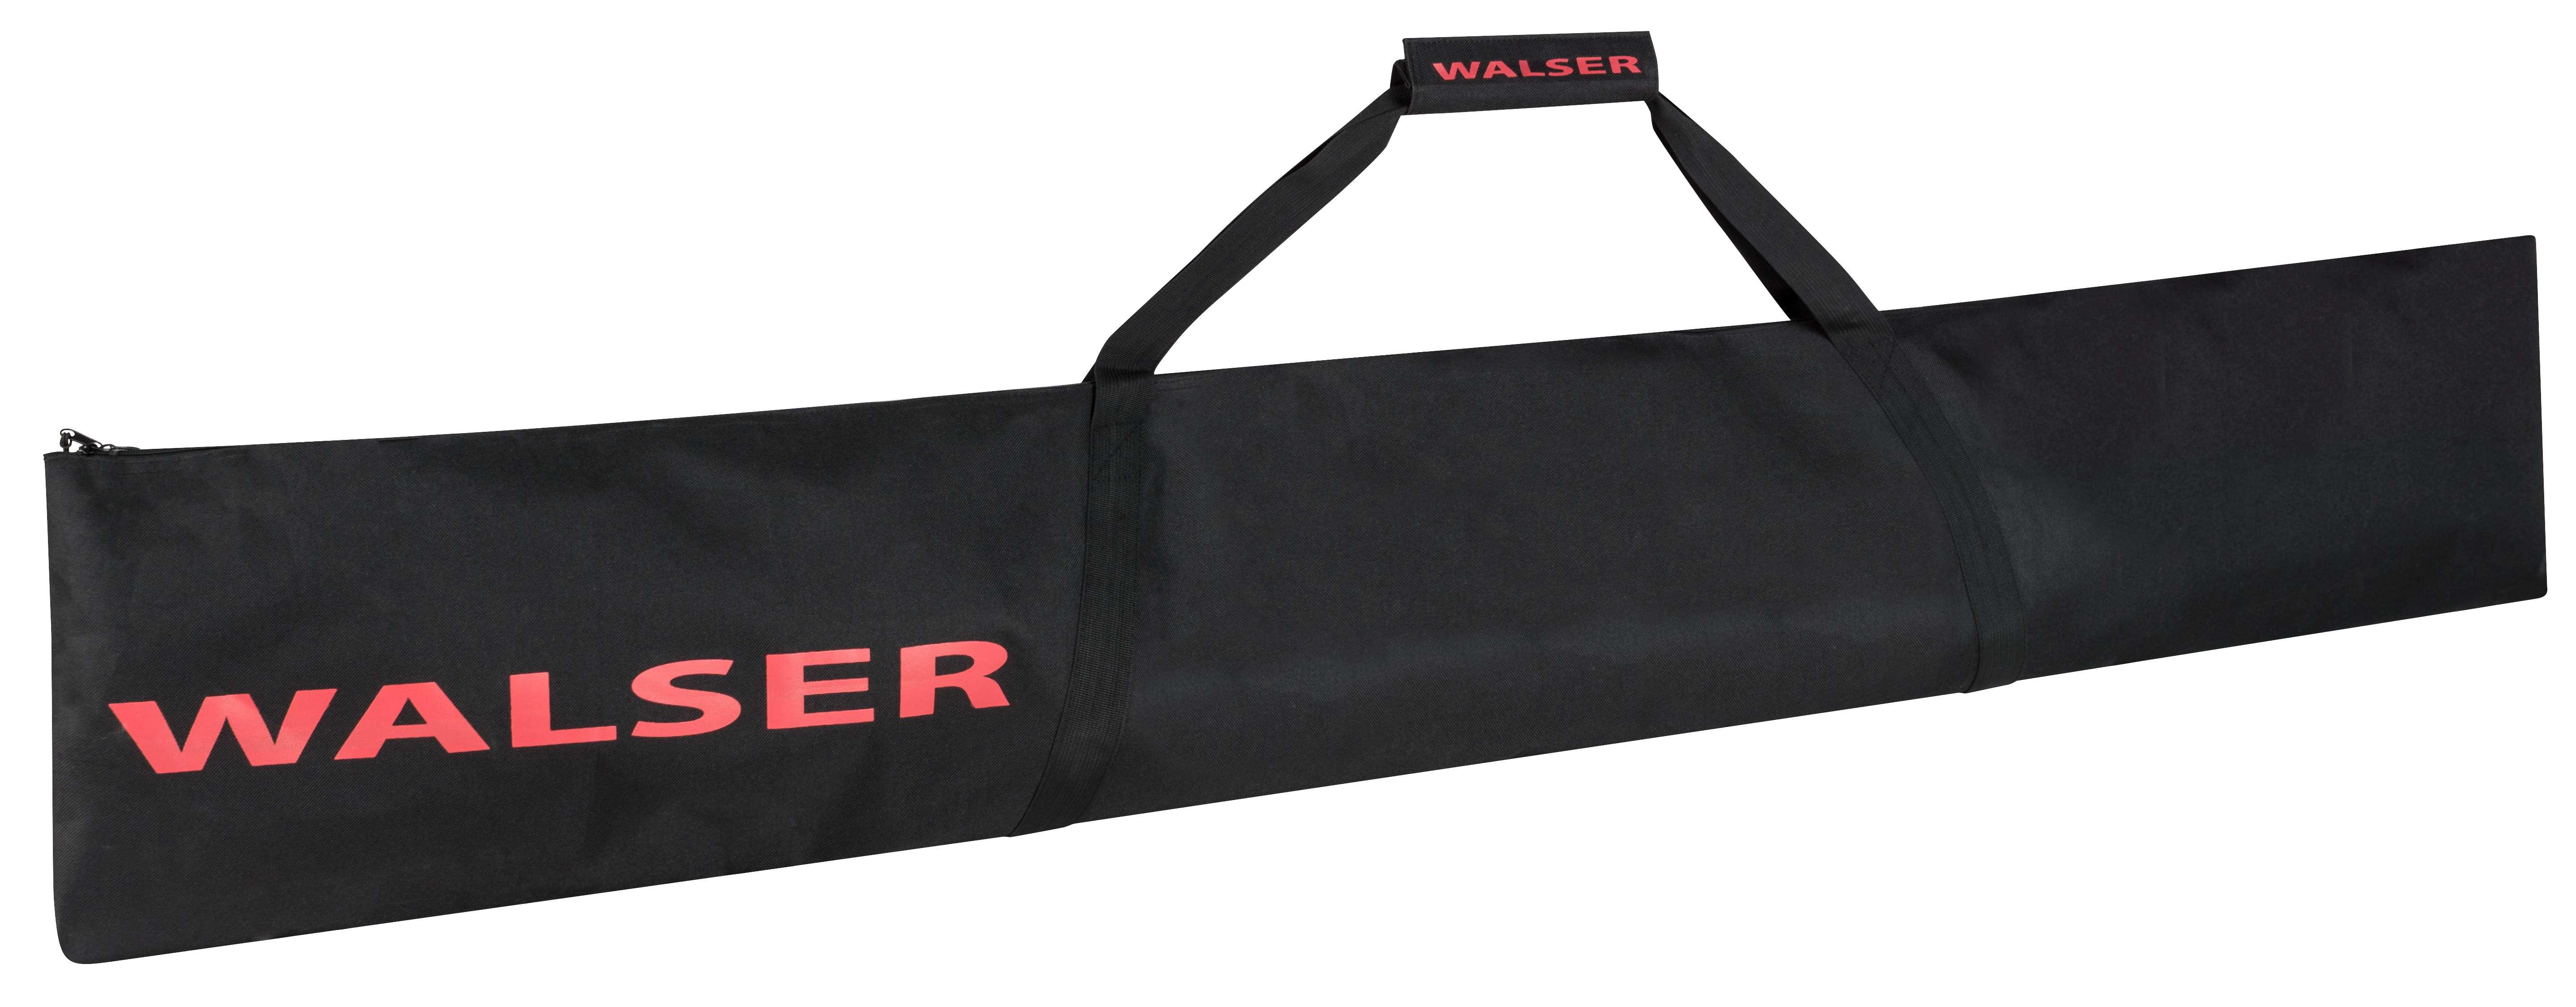 Funda portaesquís 30551 WALSER 30551 en calidad original